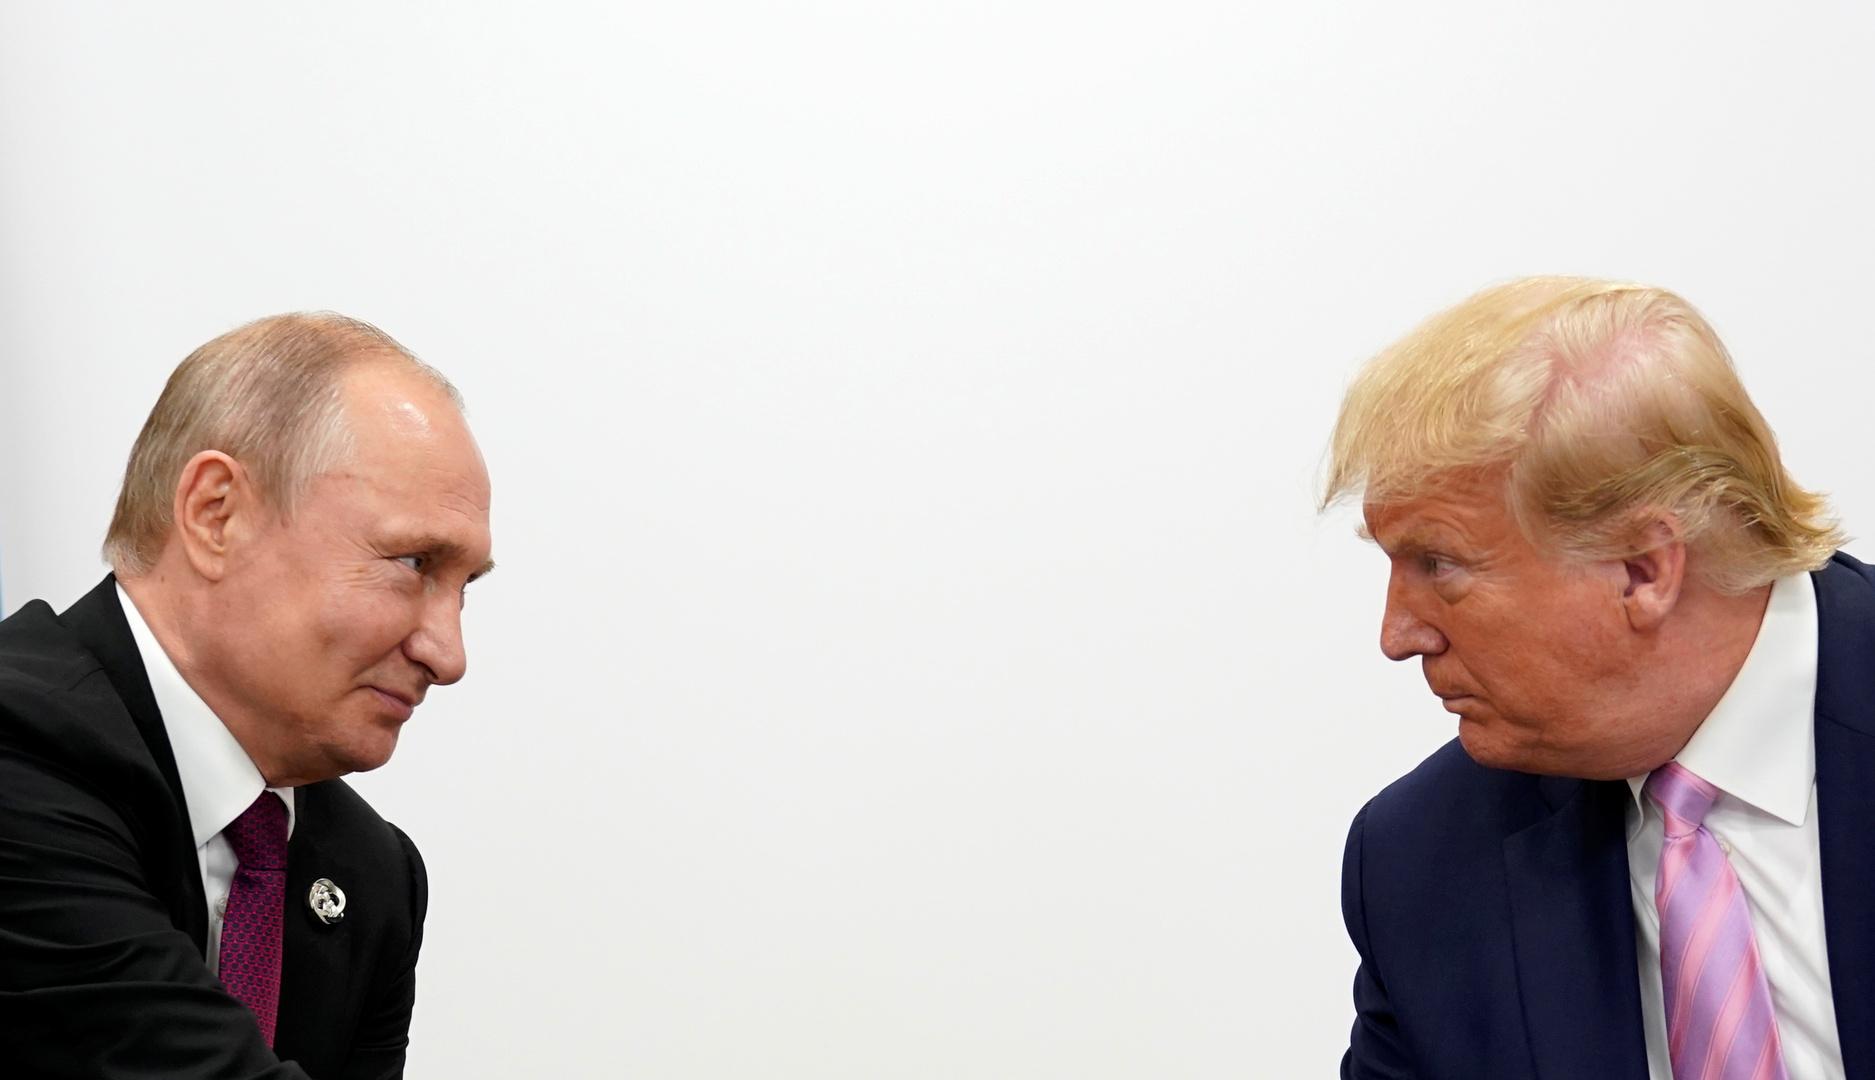 الخطر الصيني يدفع الولايات المتحدة للتقارب مع روسيا